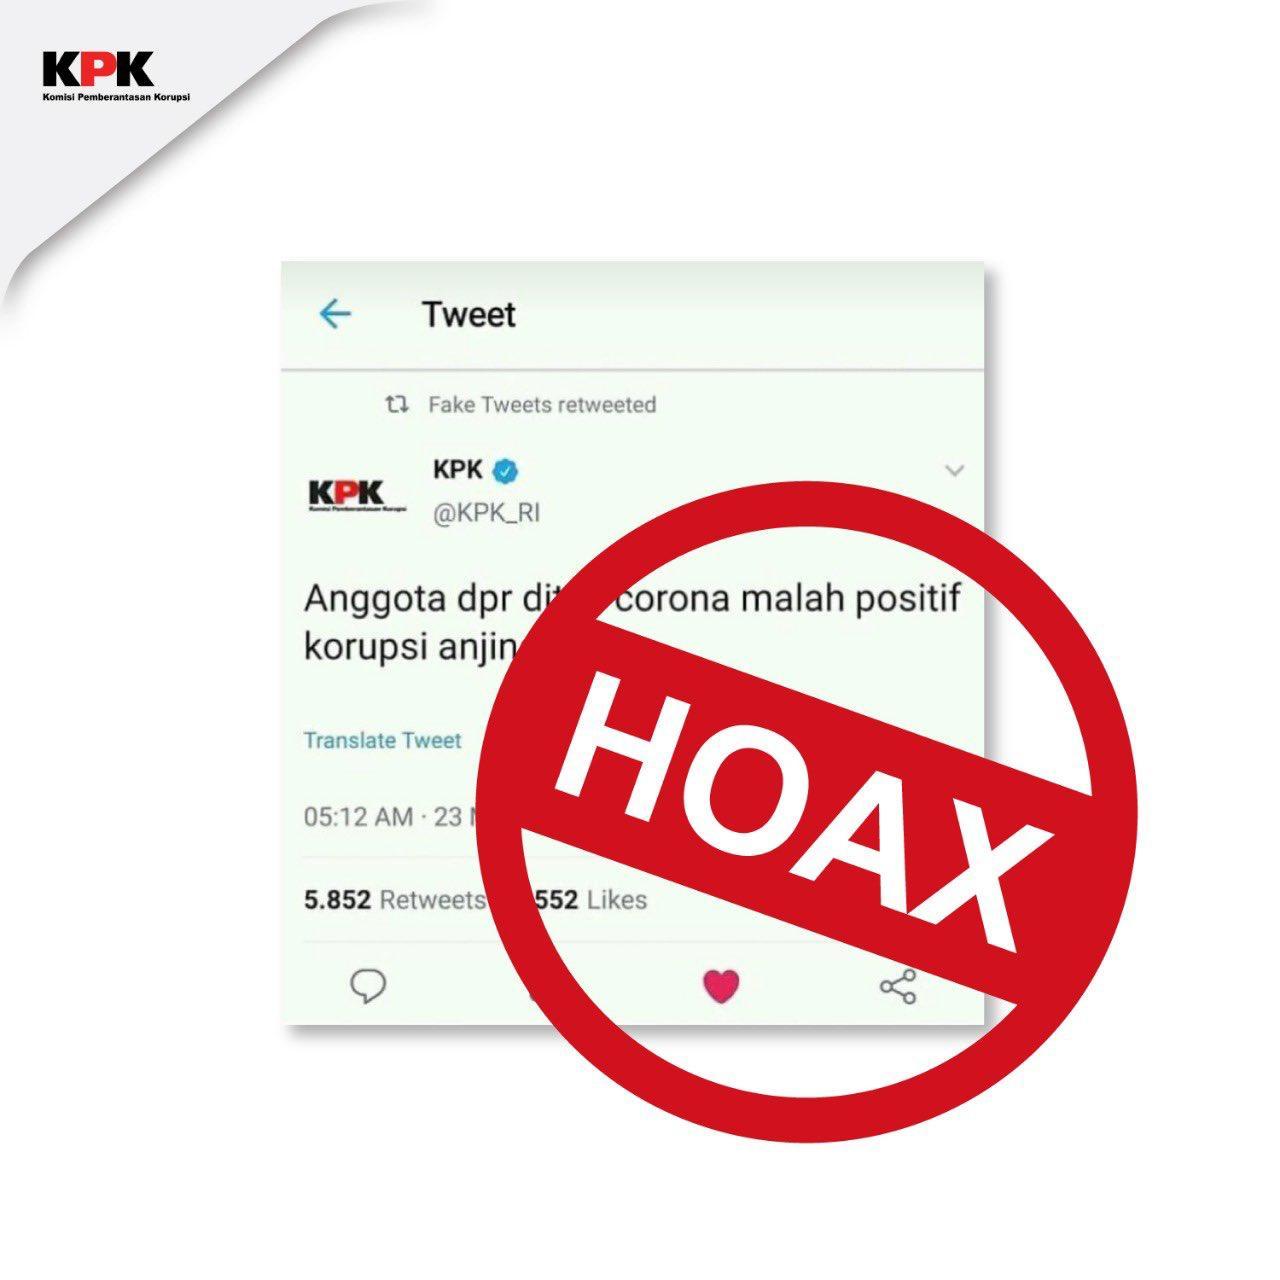 KPK Sebut Anggota DPR Dites Korona Positif Korupsi Hoaks